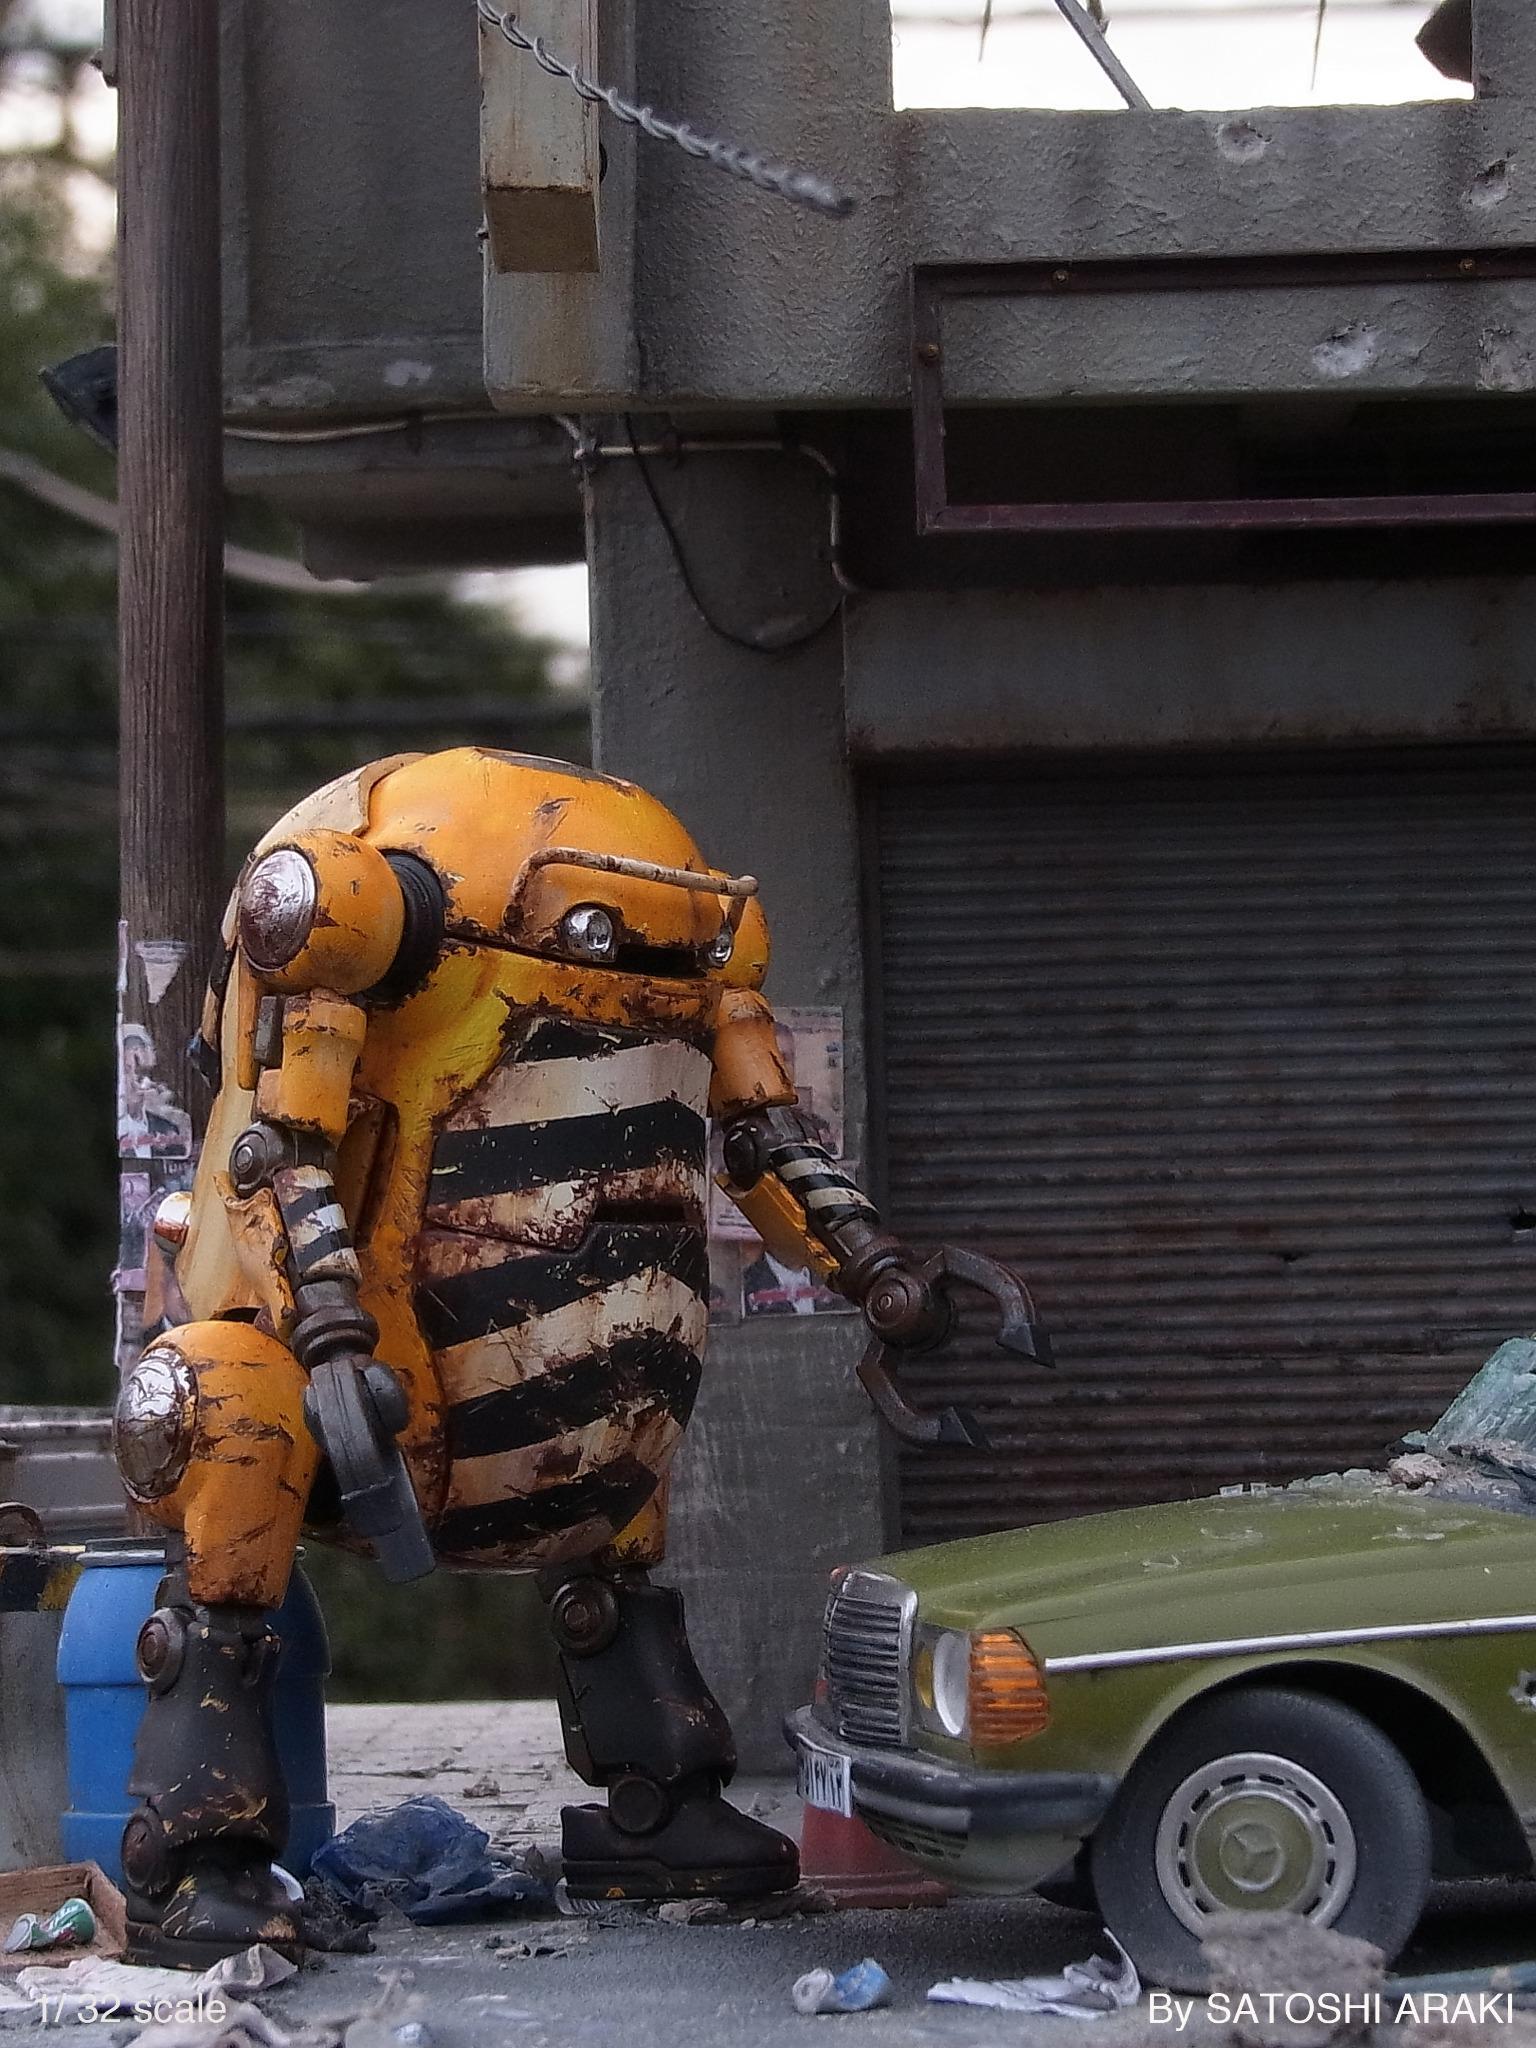 """""""@arakichi1969: 【メカトロウィーゴ】 今日のお仕事は事故にあった車の引き取りです。 週明けで、ちょっと遊び疲れがあるでしょうが皆さん安全運転で!   #ウィーゴ  ♯メカトロウィーゴ http://t.co/ijvSmXCK9c""""超リアル!"""